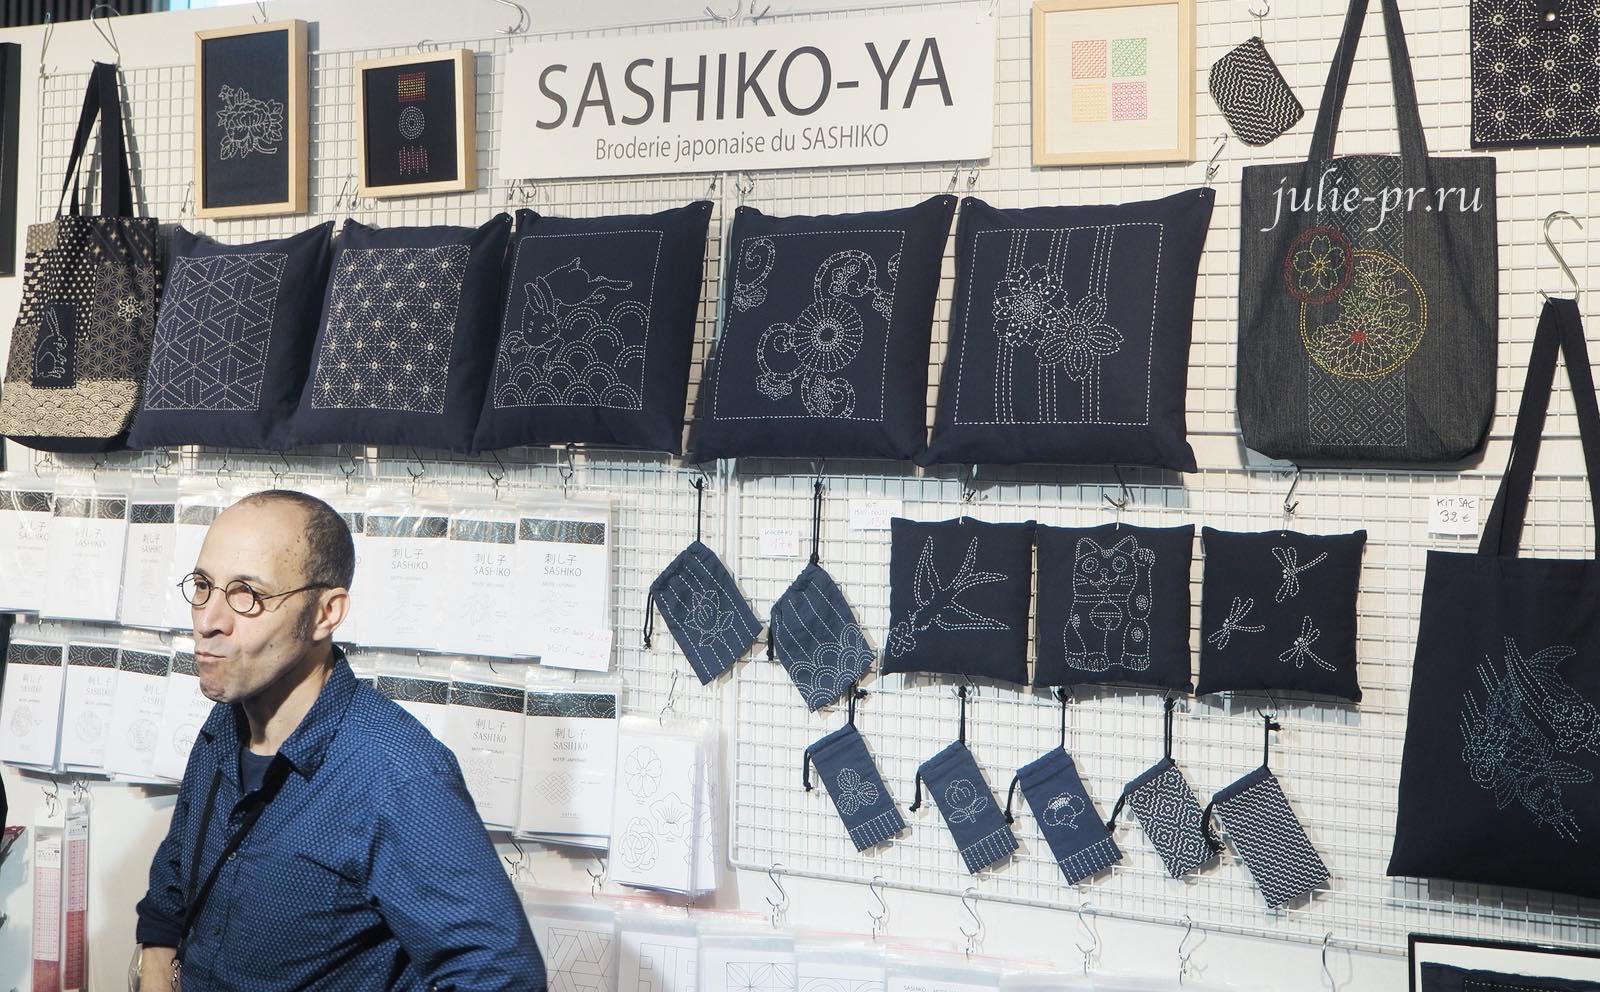 Sashiko-Ya, вышивка сашико